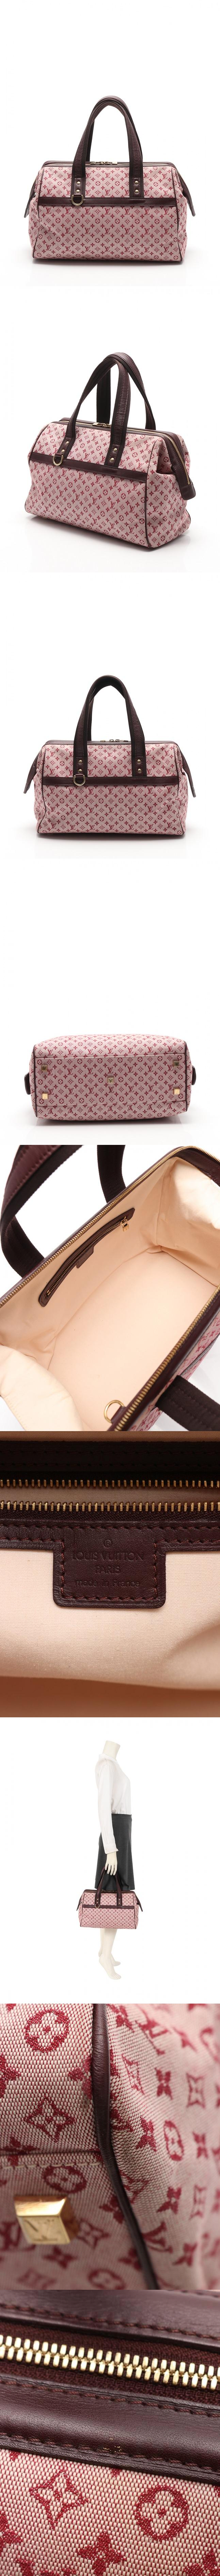 ハンドバッグ ジョセフィーヌGM モノグラムミニ スリーズ M92311 キャンバス レザー